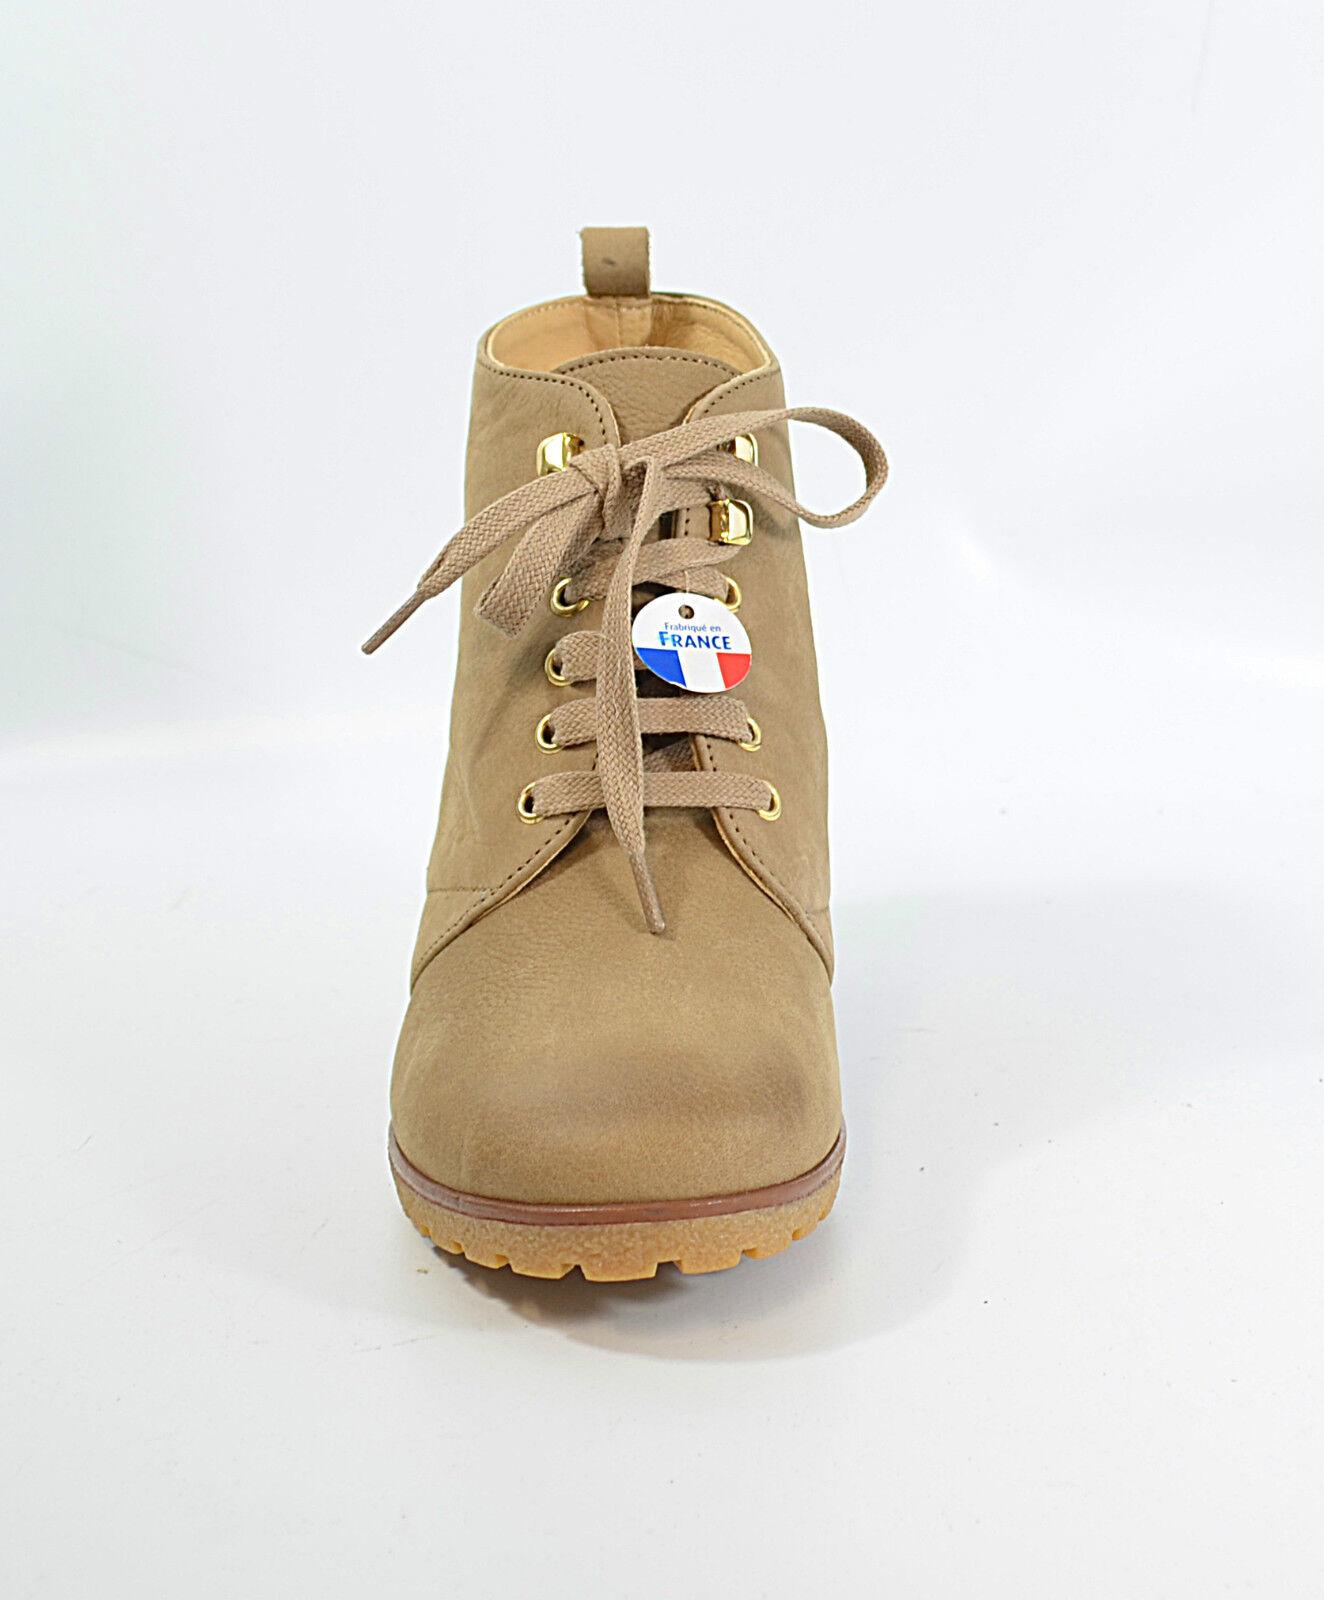 SAN MARINA Boots Gr. 39 Keilabsatz, Leder UVP 99 Damen Schuhe (R6) 5/17 M2